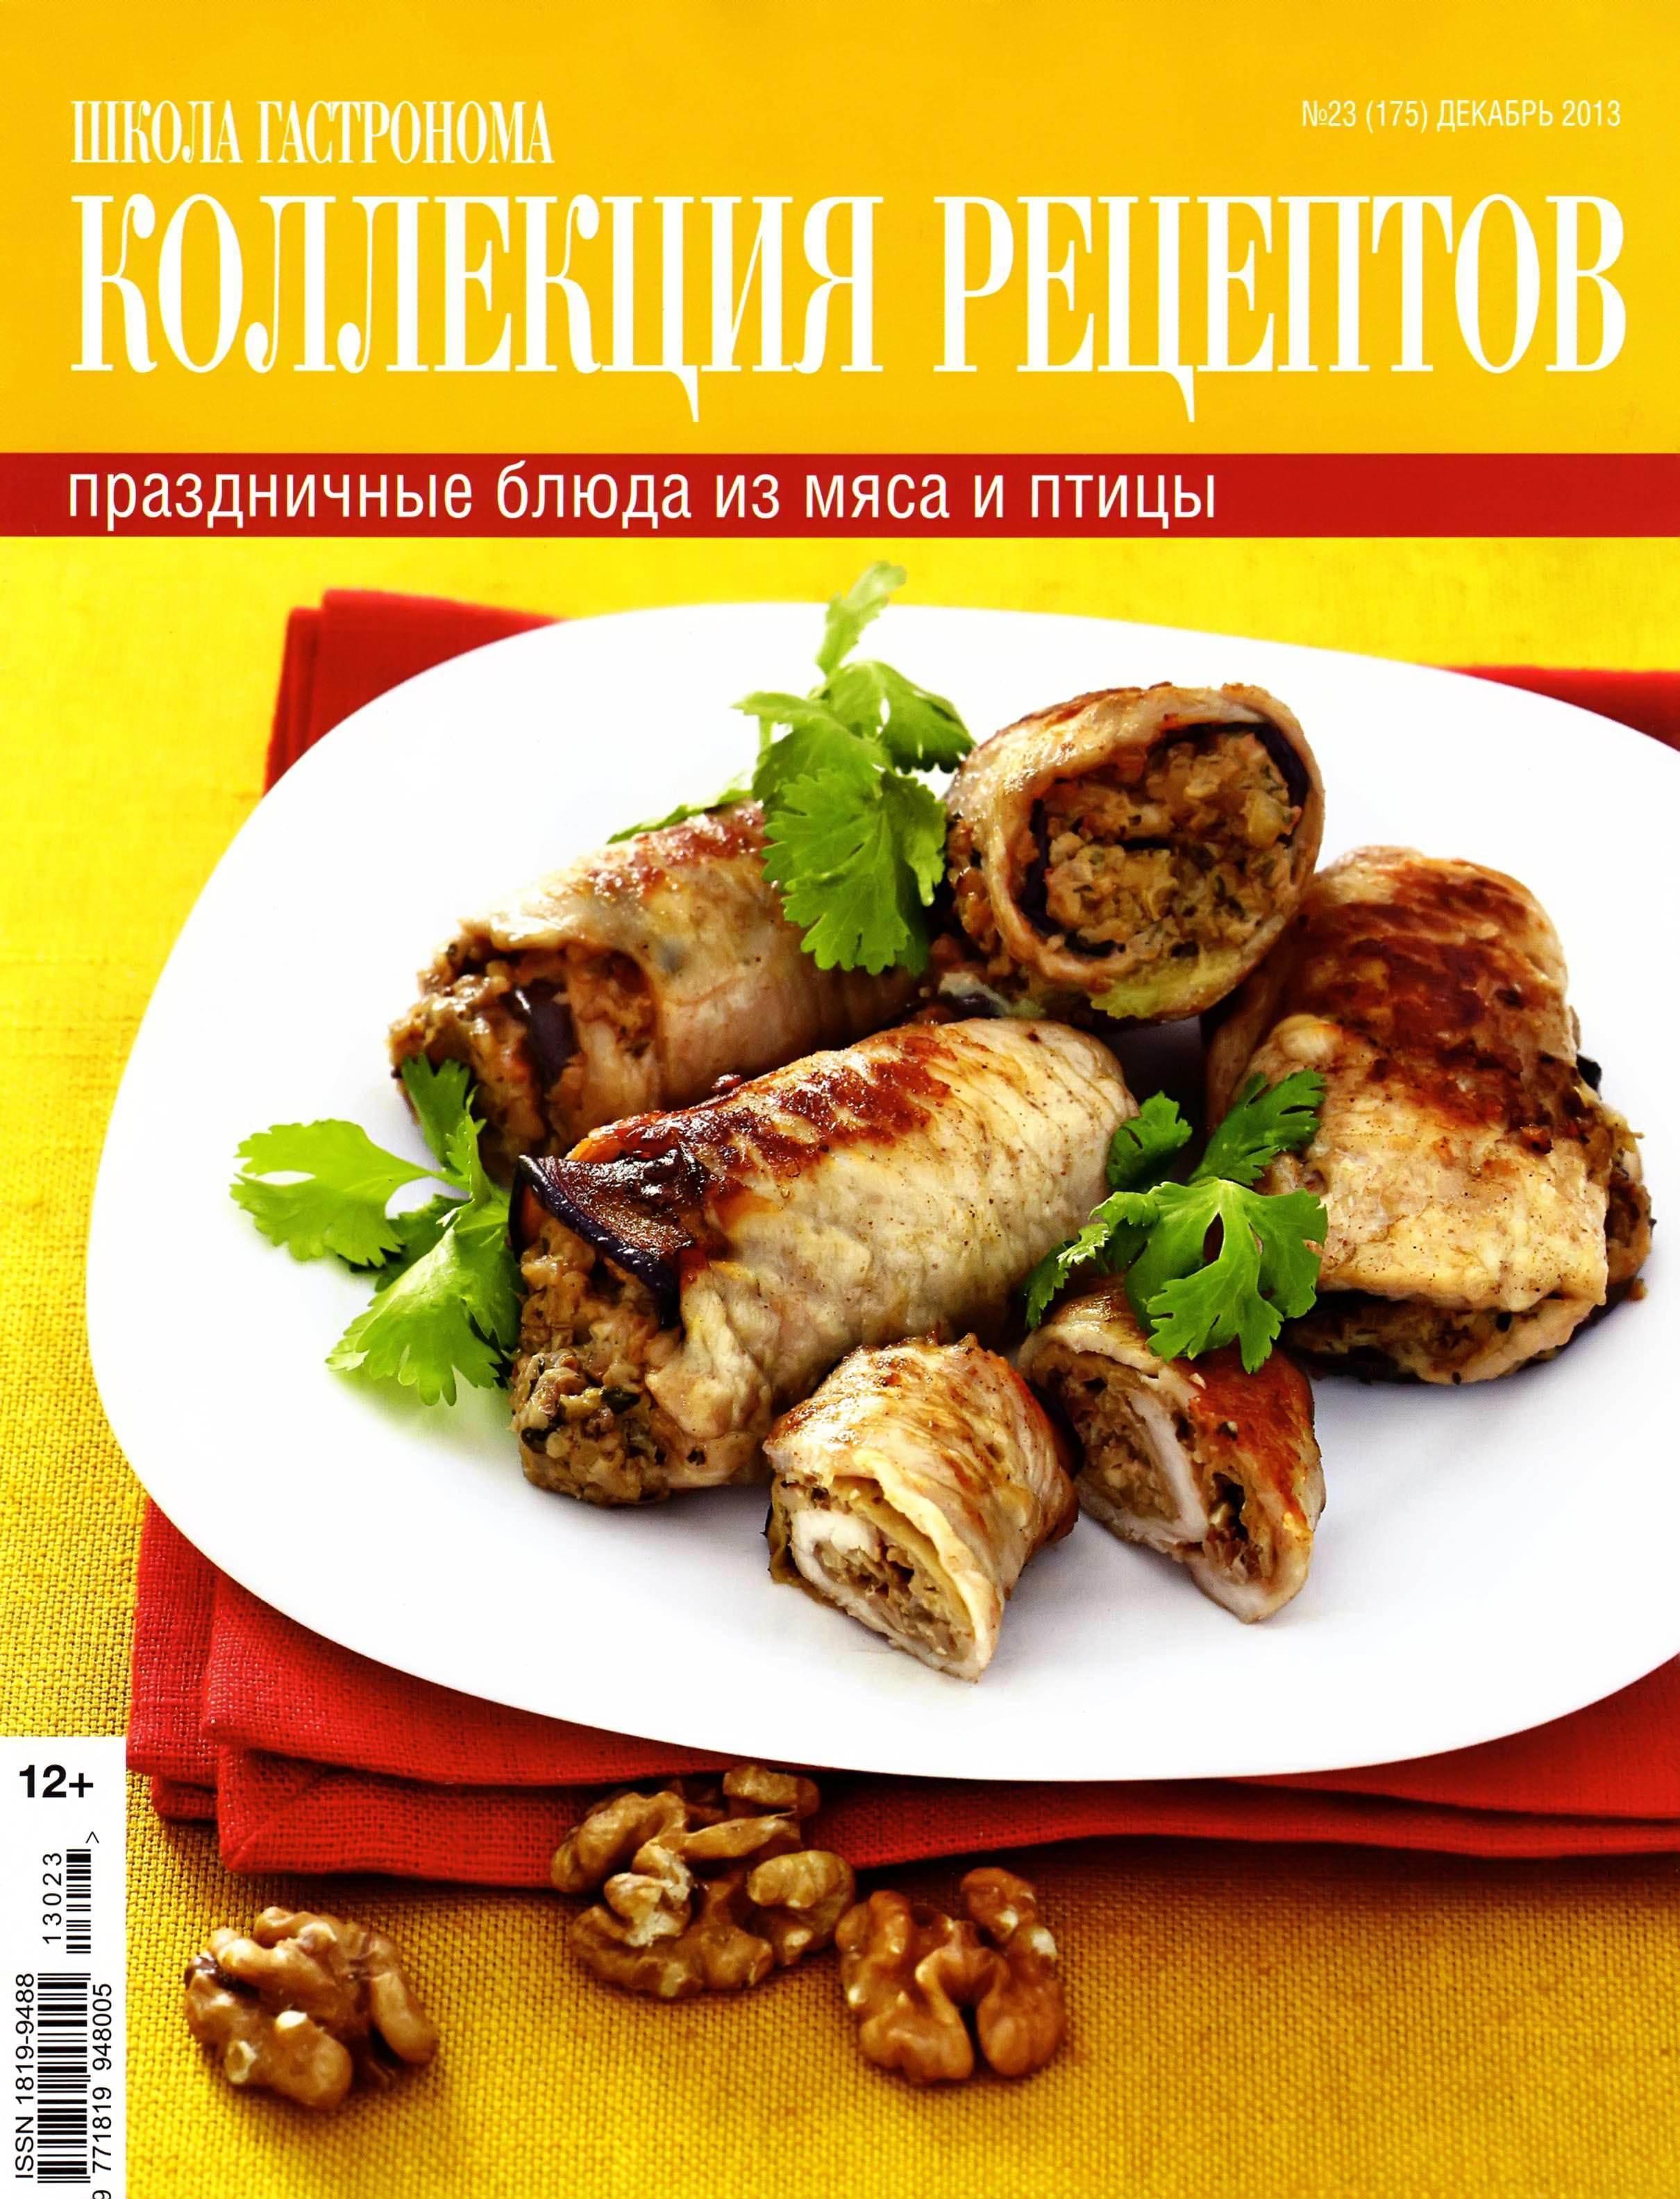 SHkola gastronoma. Kollektsiya retseptov    23 2013 goda Школа гастронома. Коллекция рецептов №17 2013 года